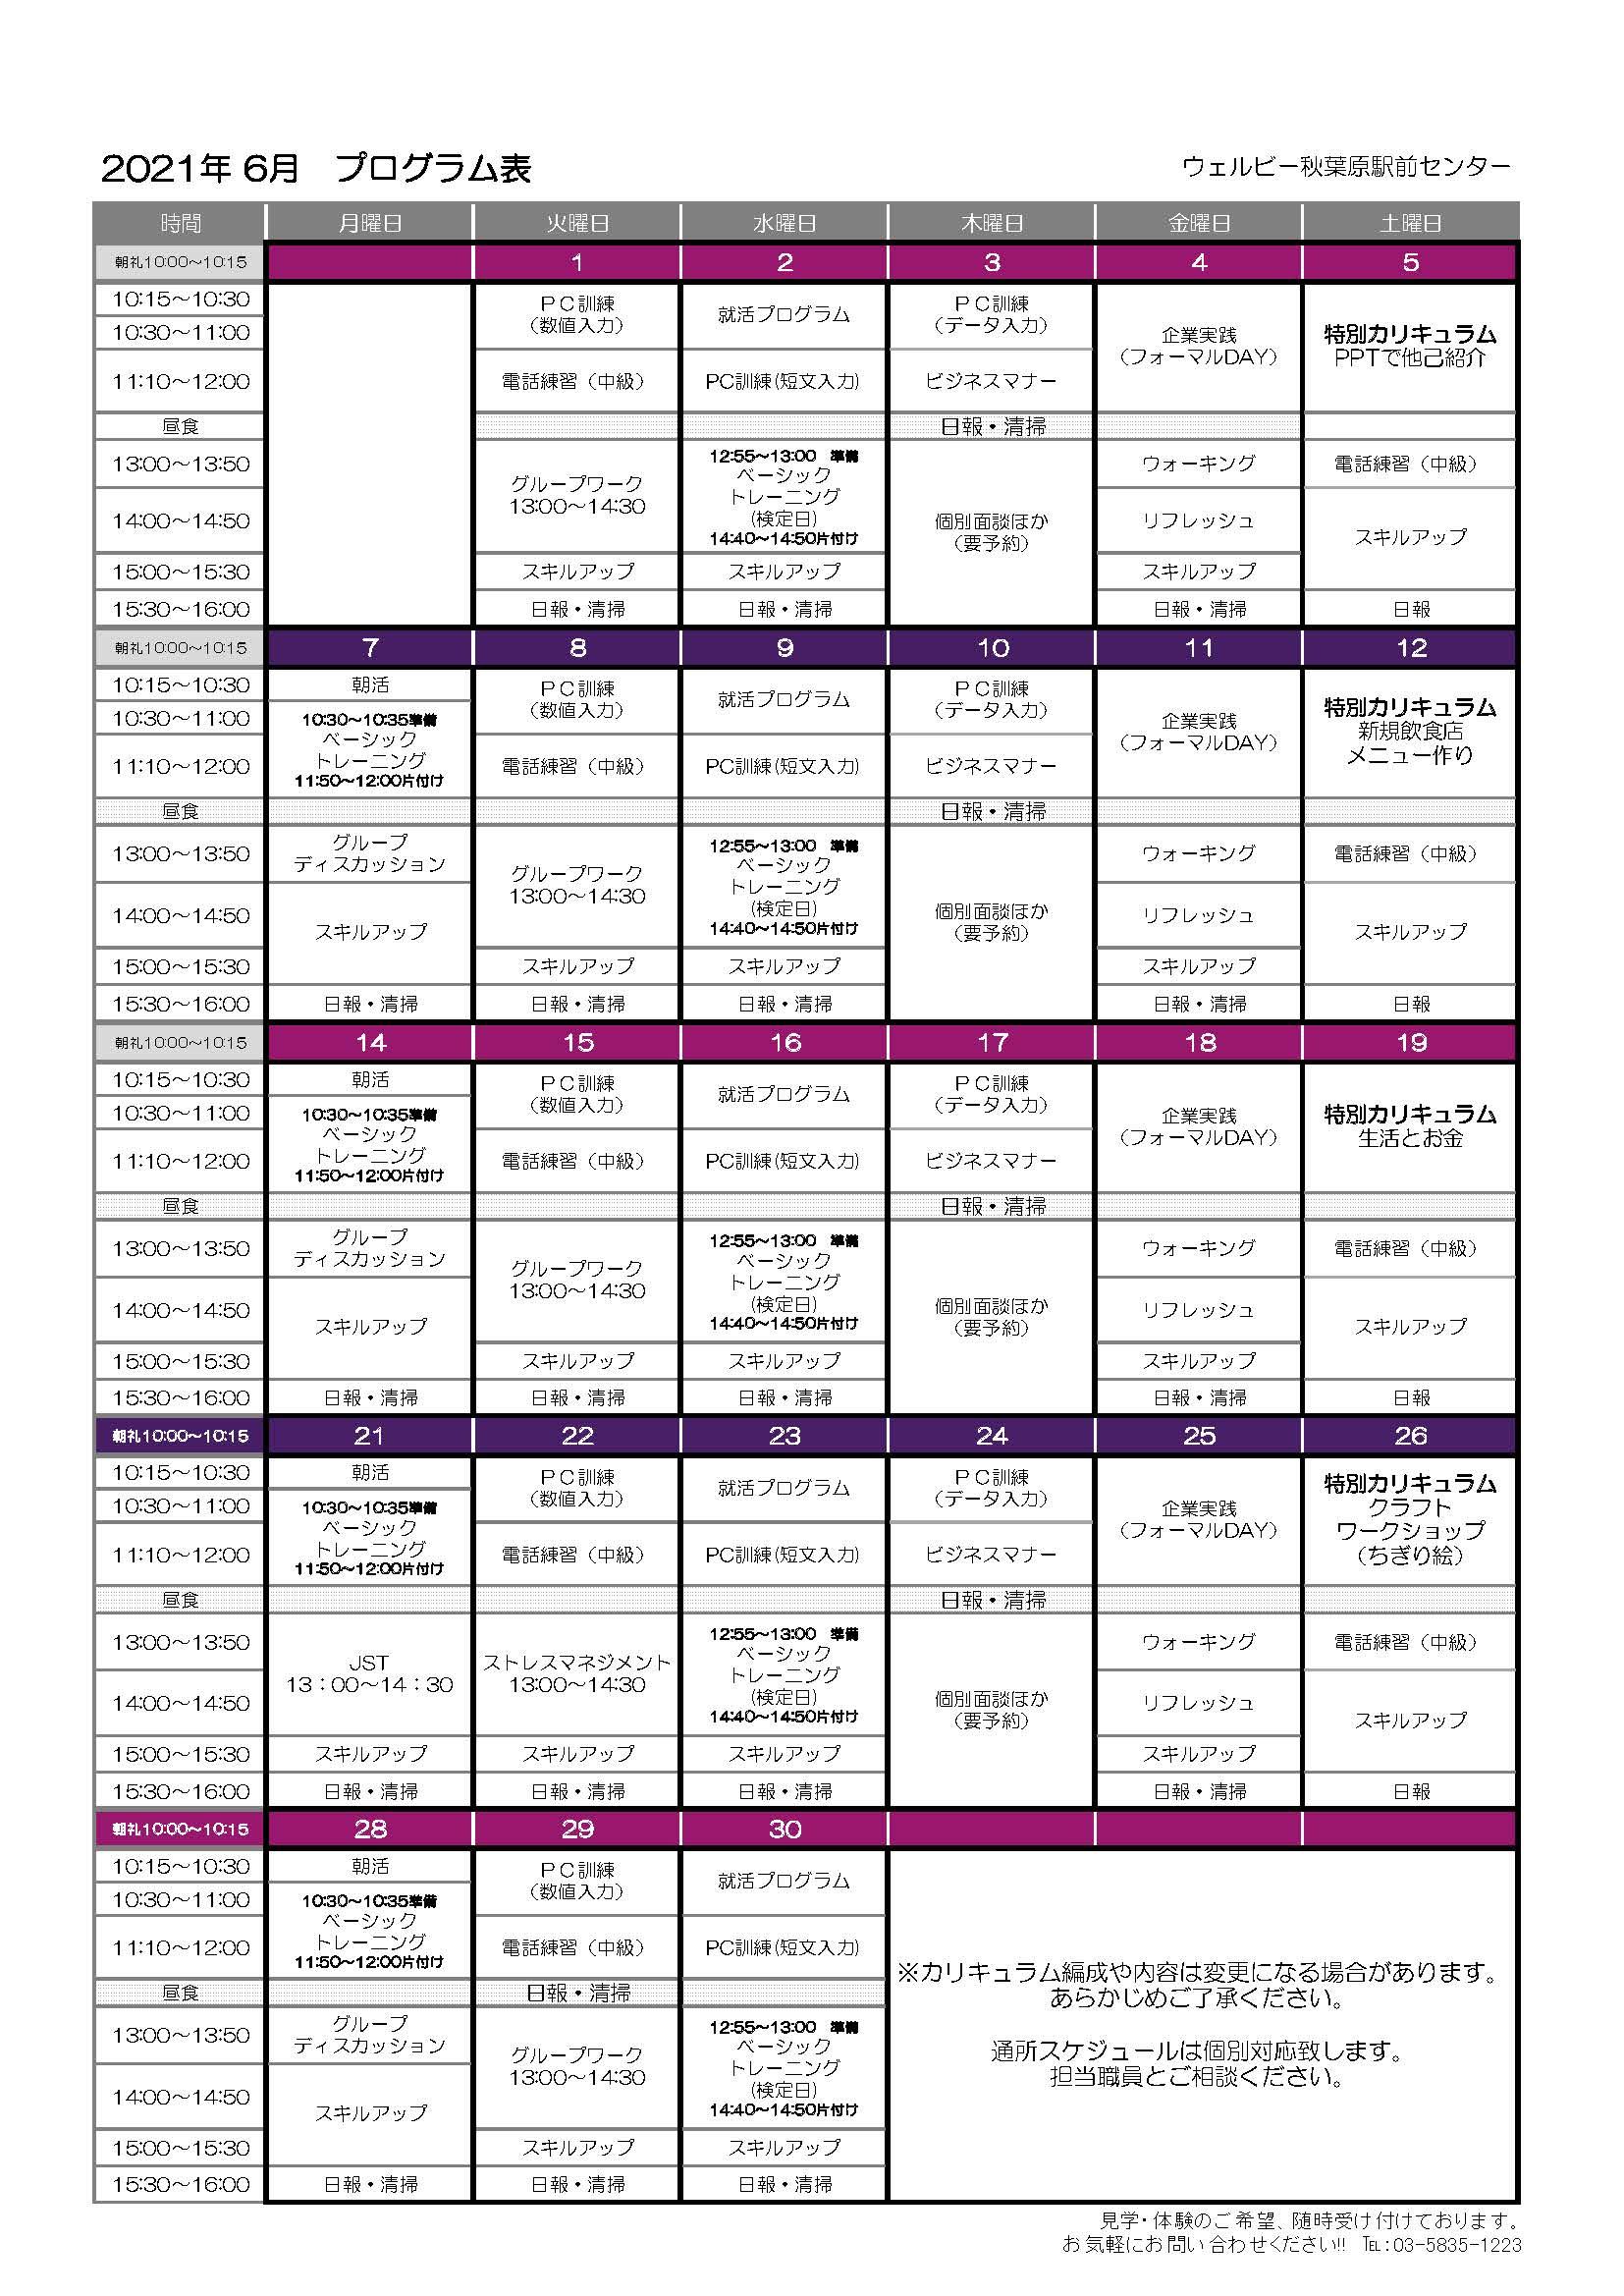 秋葉原駅前センター月間プログラム表(6月)